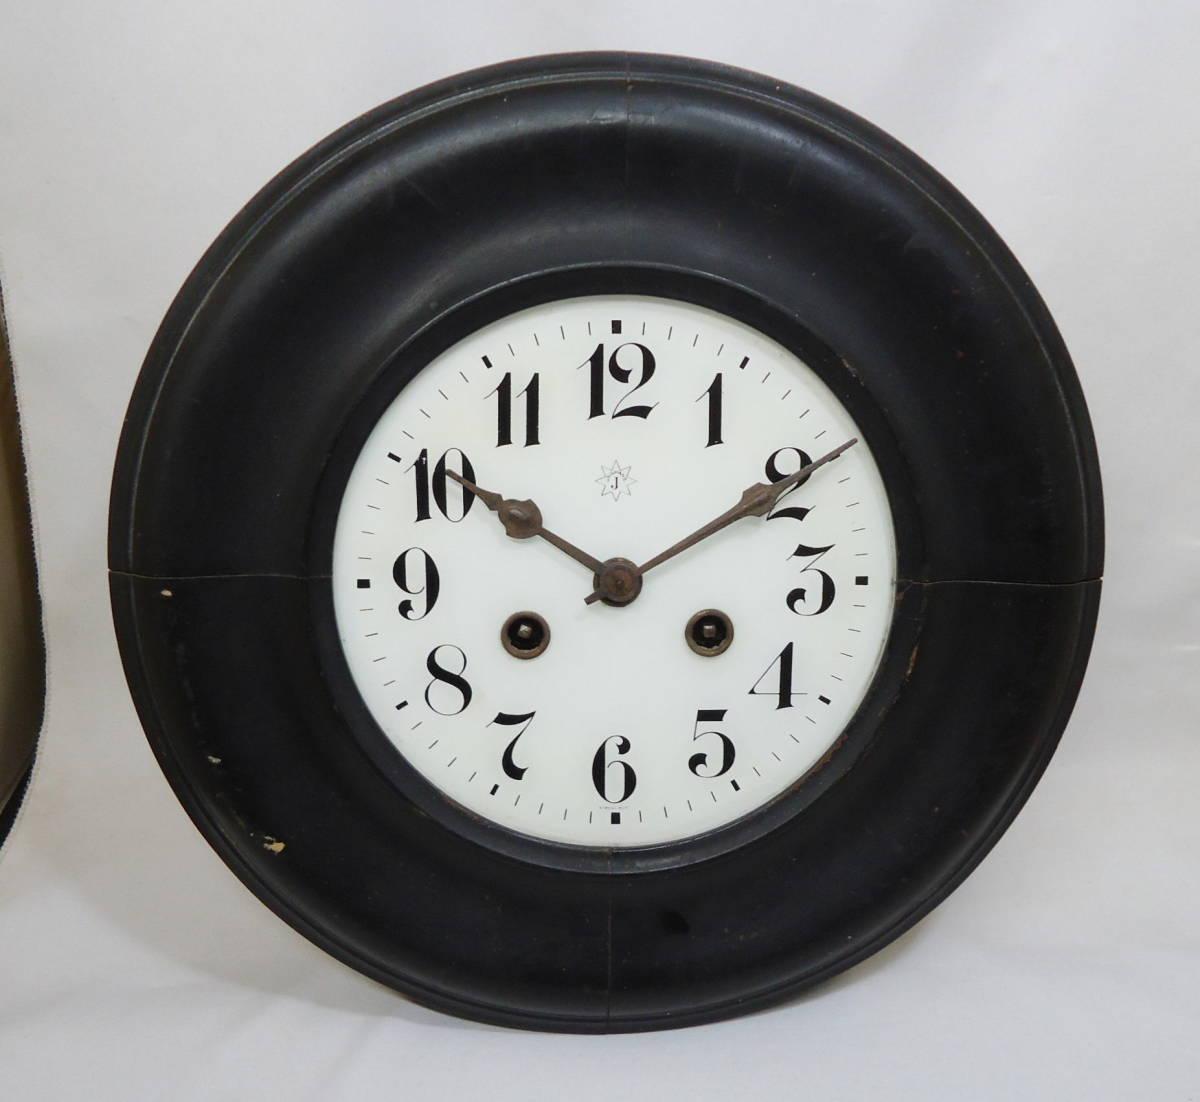 ドイツ製 ユンハンス 小型 柱時計 Jマーク/ガラス文字盤 動作品